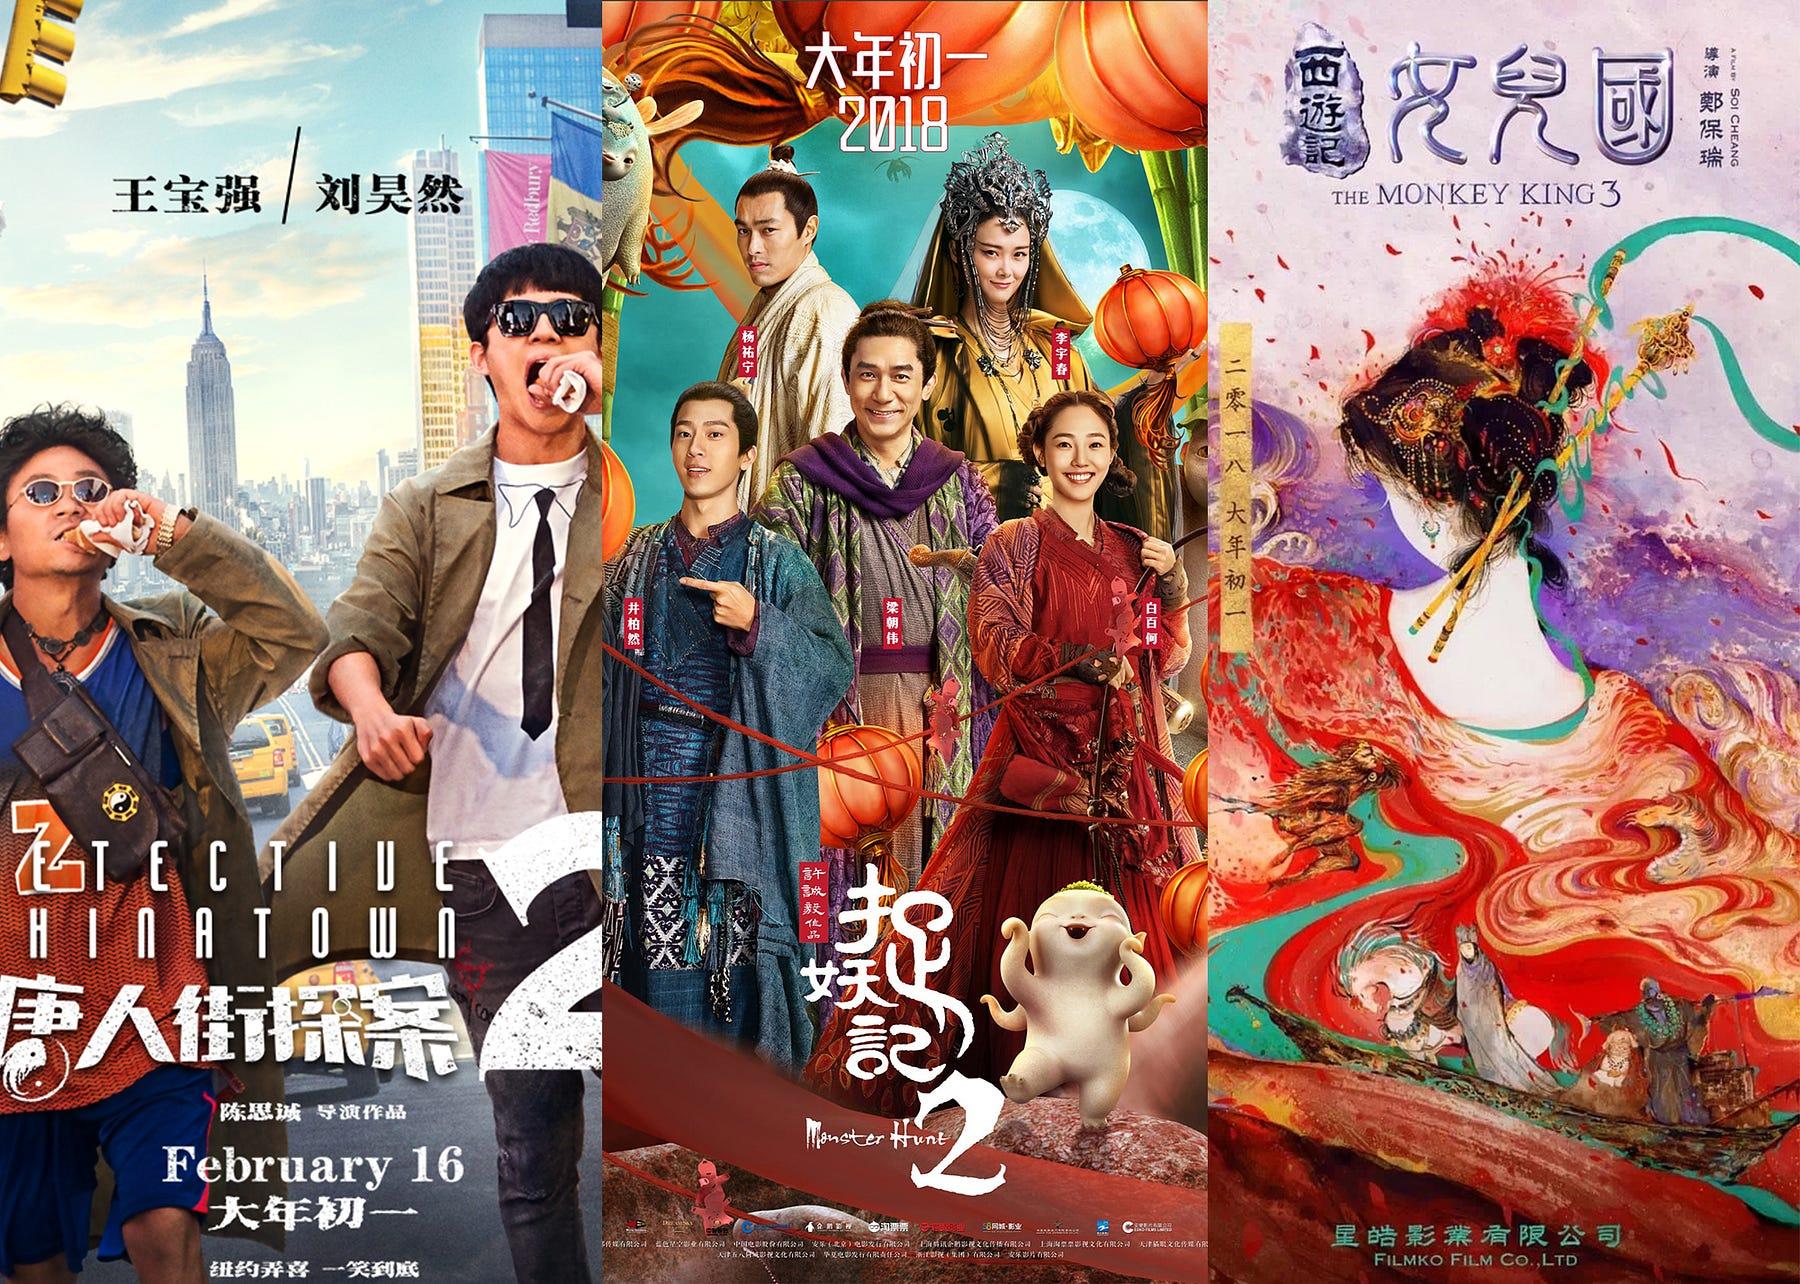 唐人街探案3 線上完整版 (2020)-完整版-BD ∷ 在線觀看電影 - 唐人街探案3 -Detective Chinatown 3 2020 完整版 小鴨 線上 ...